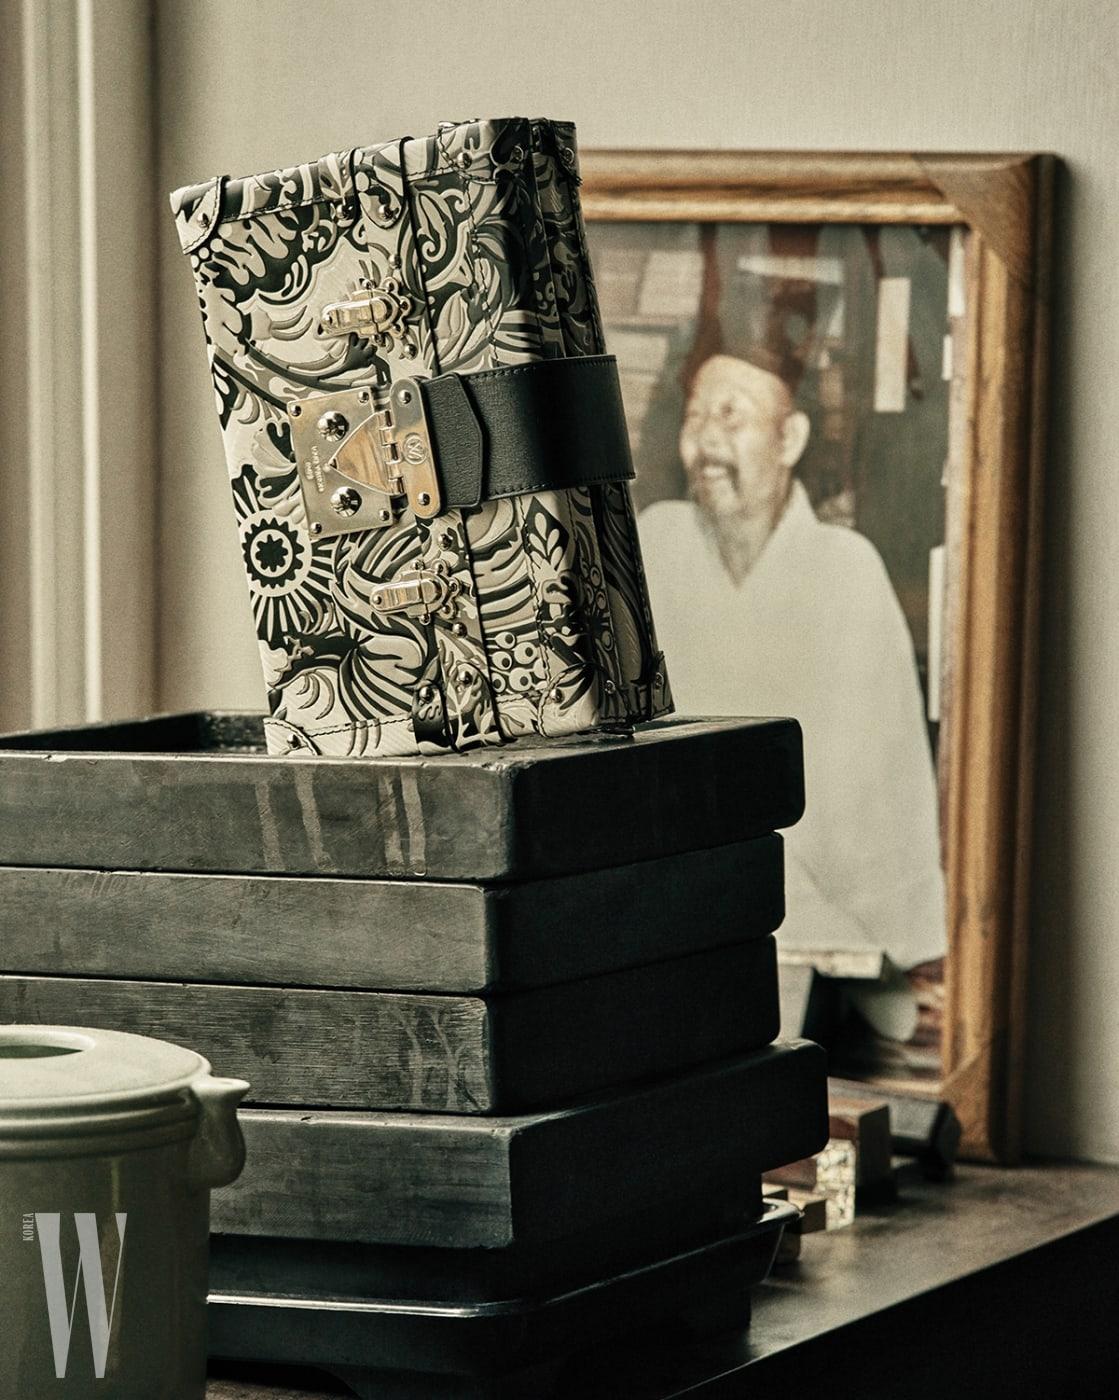 흑과 백의 대비가 멋진 쁘띠말 클러치는 루이 비통 제품. 가격 미정.